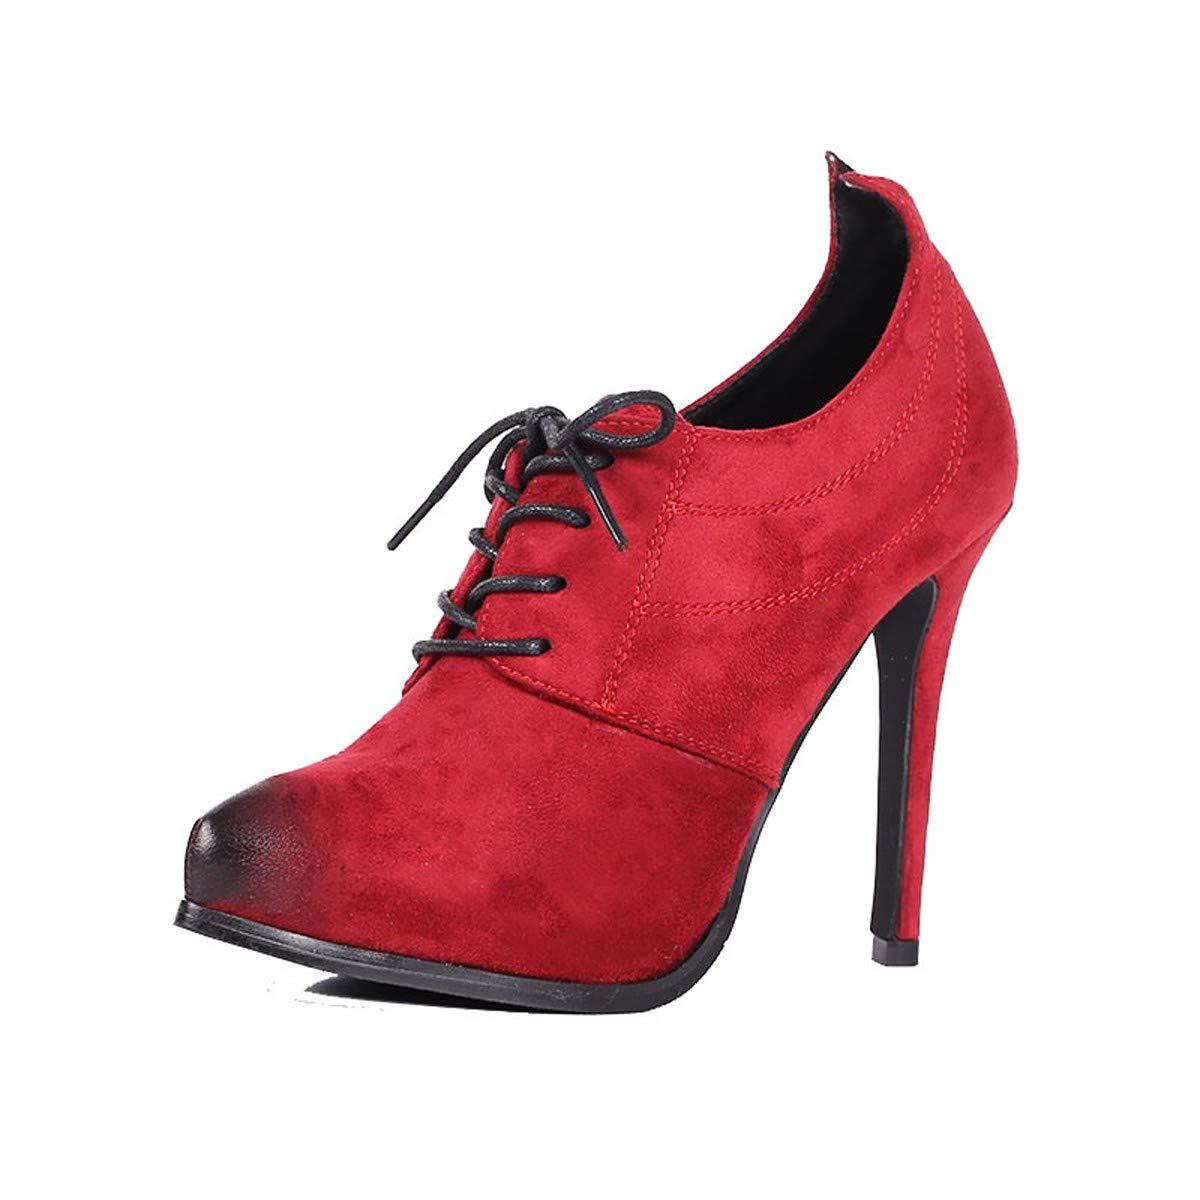 LBTSQ-Aus Tiefen Schuh Frenulum Wasserdicht Hochhackigen Schuhe 11Cm Wies Kopf Dünne Sohle Schuhe Mode Mode.